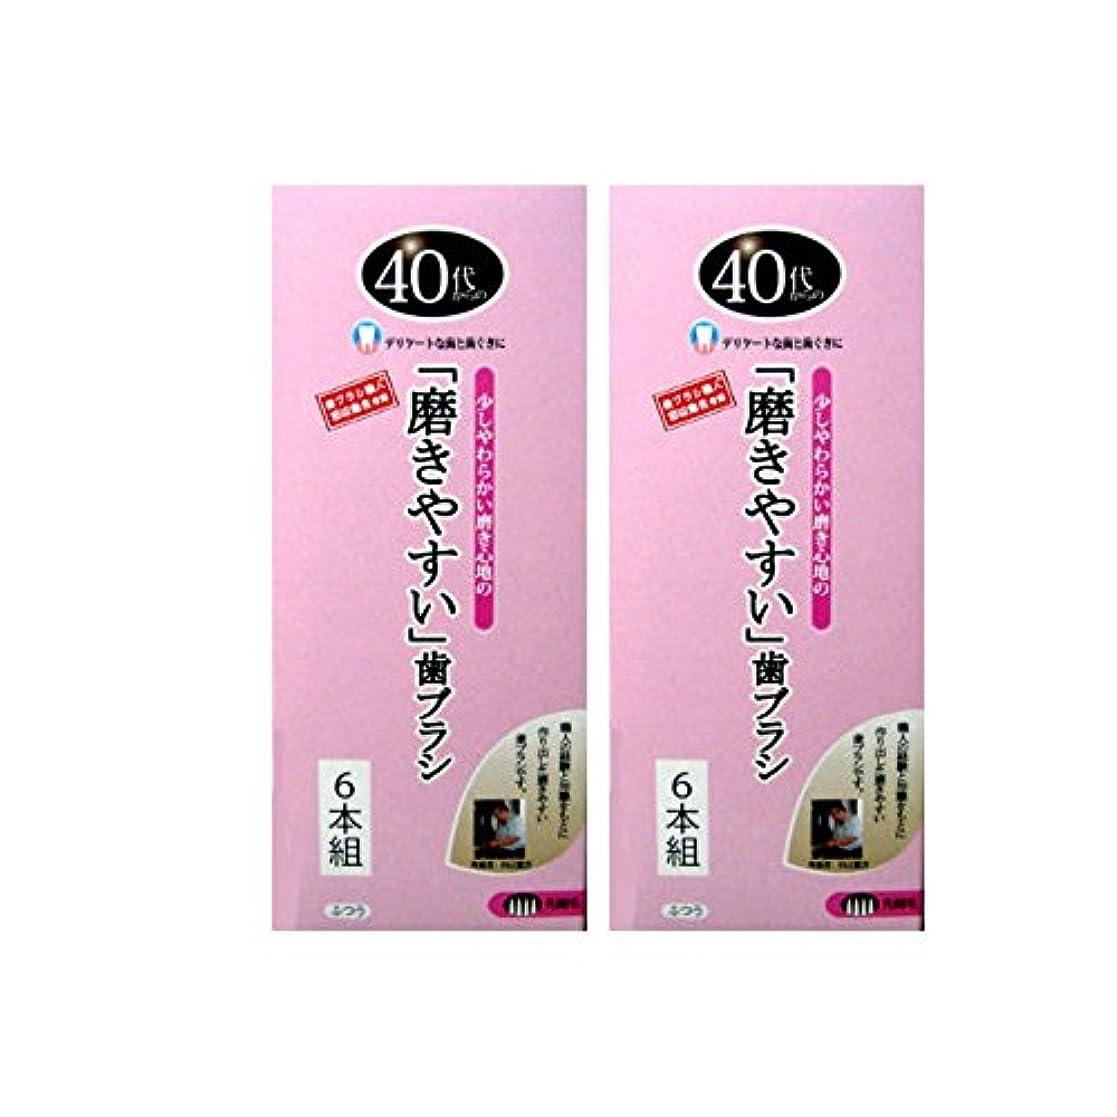 友だち市区町村博覧会40代からの磨きやすい歯ブラシ 先細 6本組×2個セット(計12本)